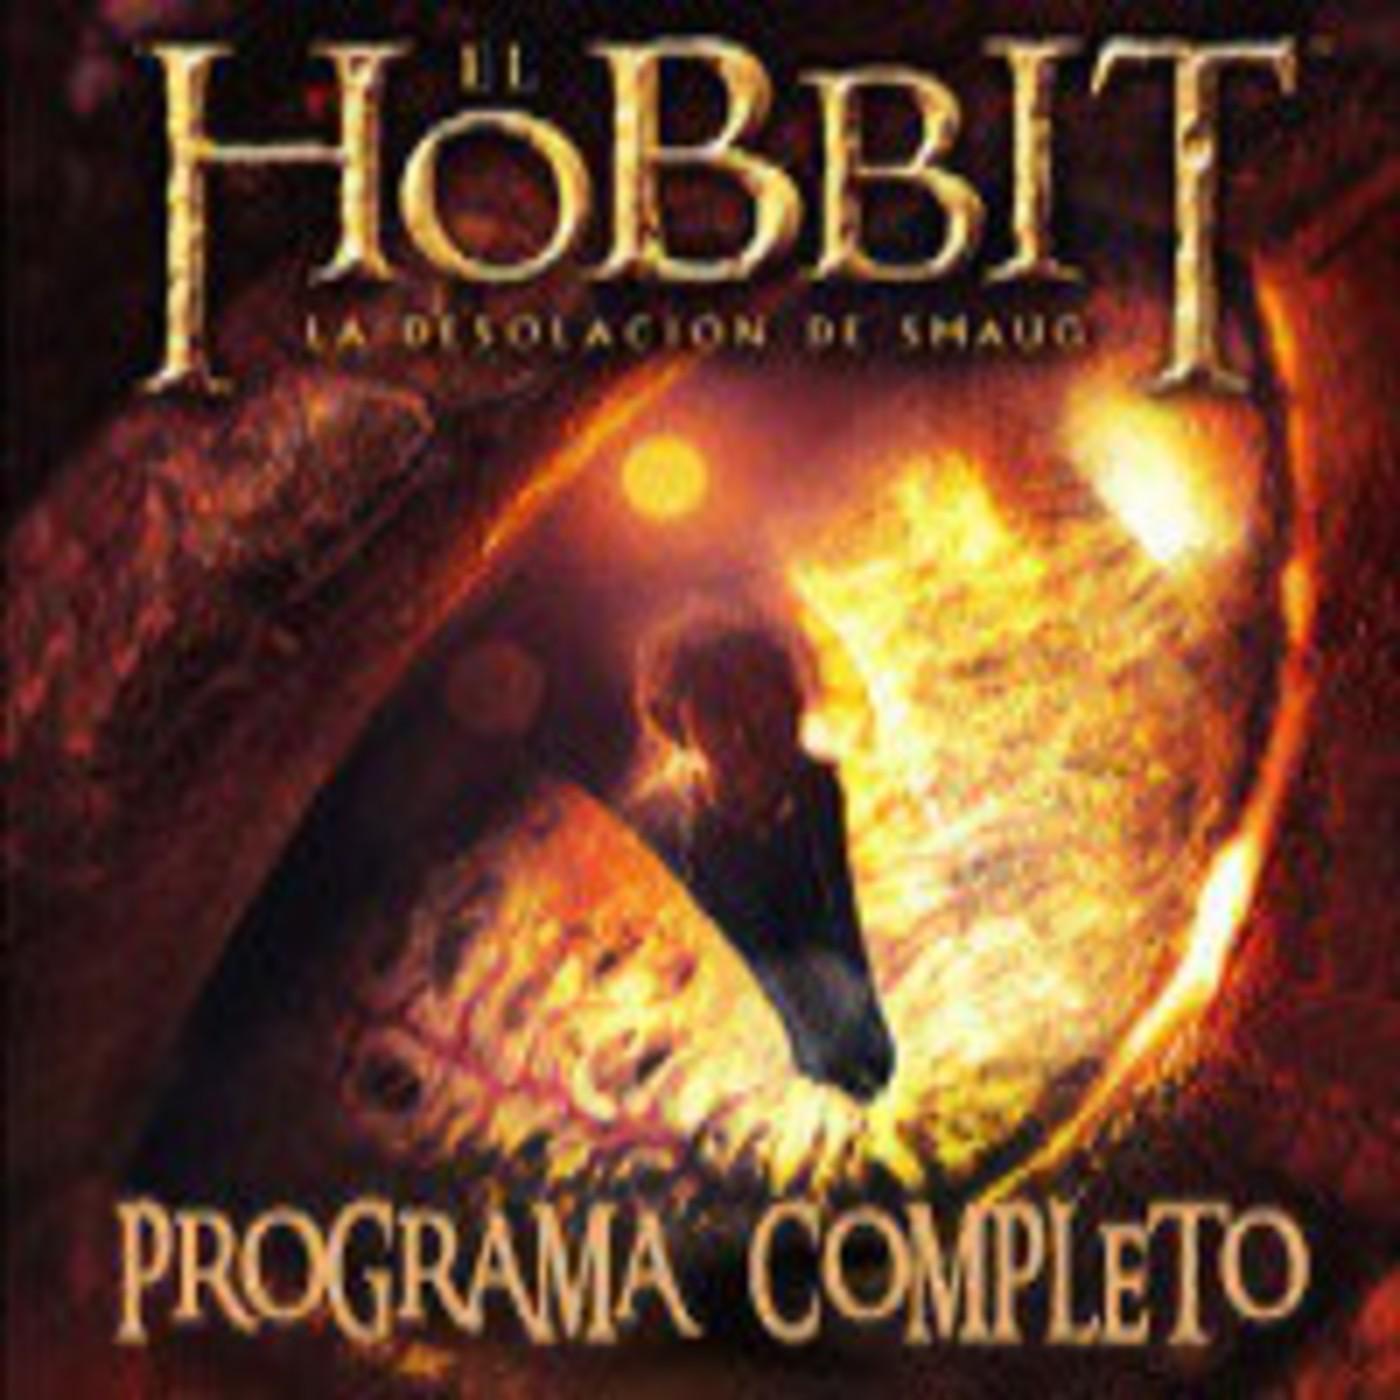 LODE 4x17 EL HOBBIT: La Desolación de Smaug –programa completo-